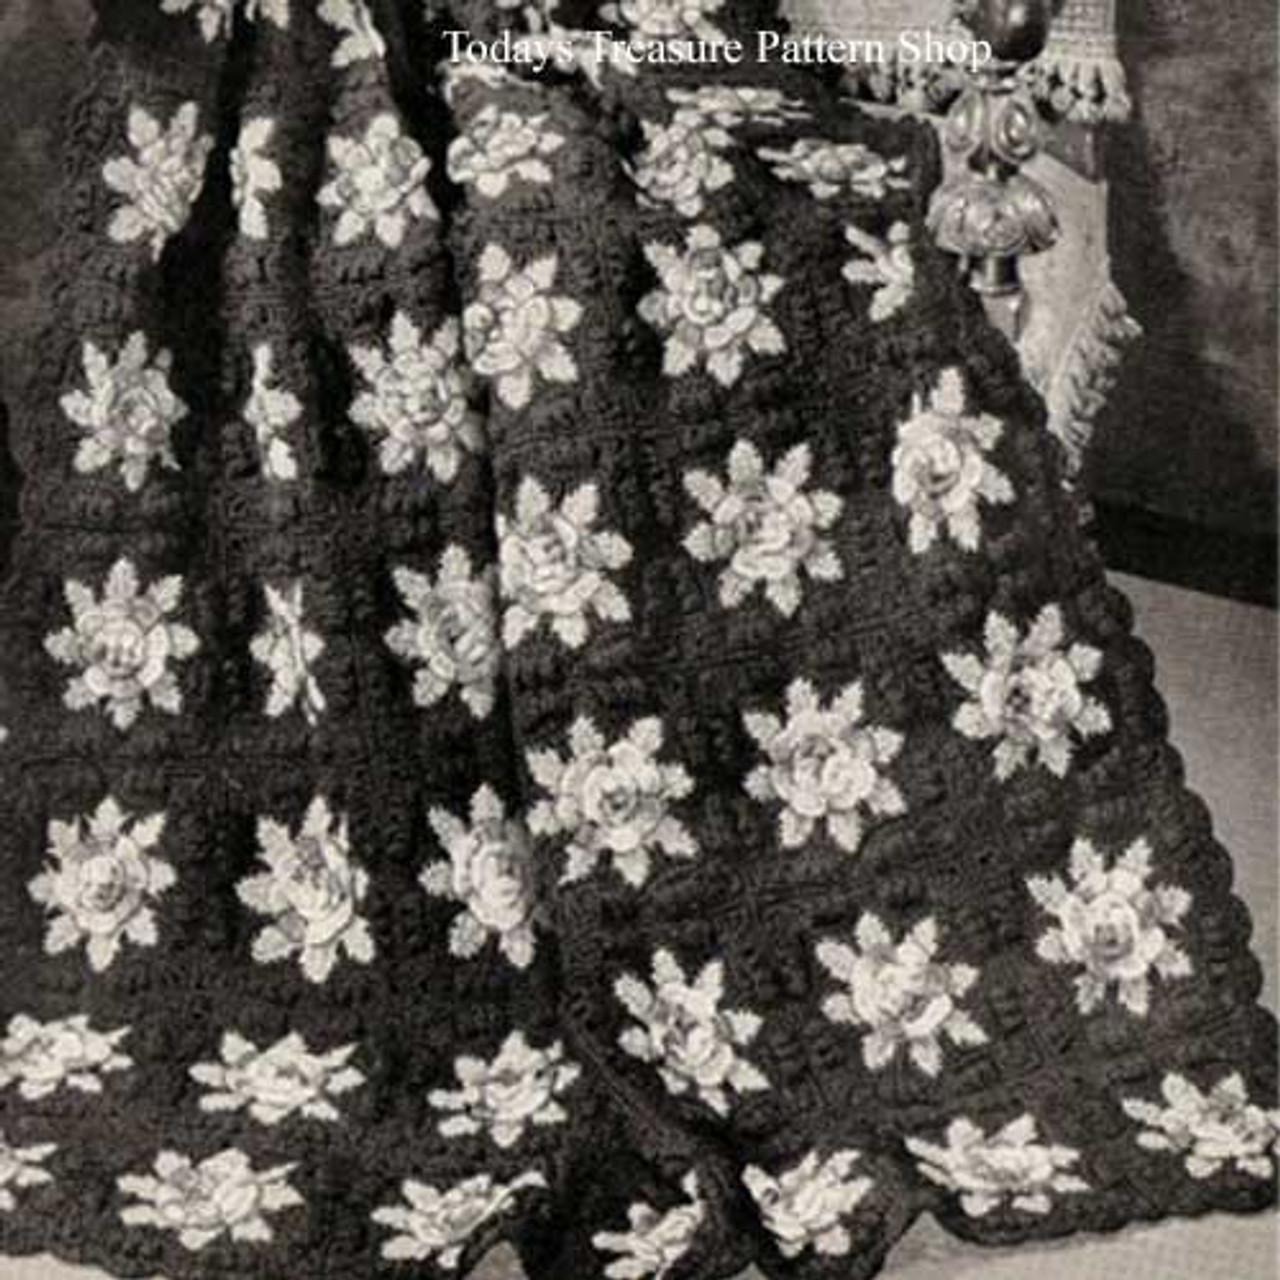 Vintage Flower Afghan Crochet Pattern in Blocks